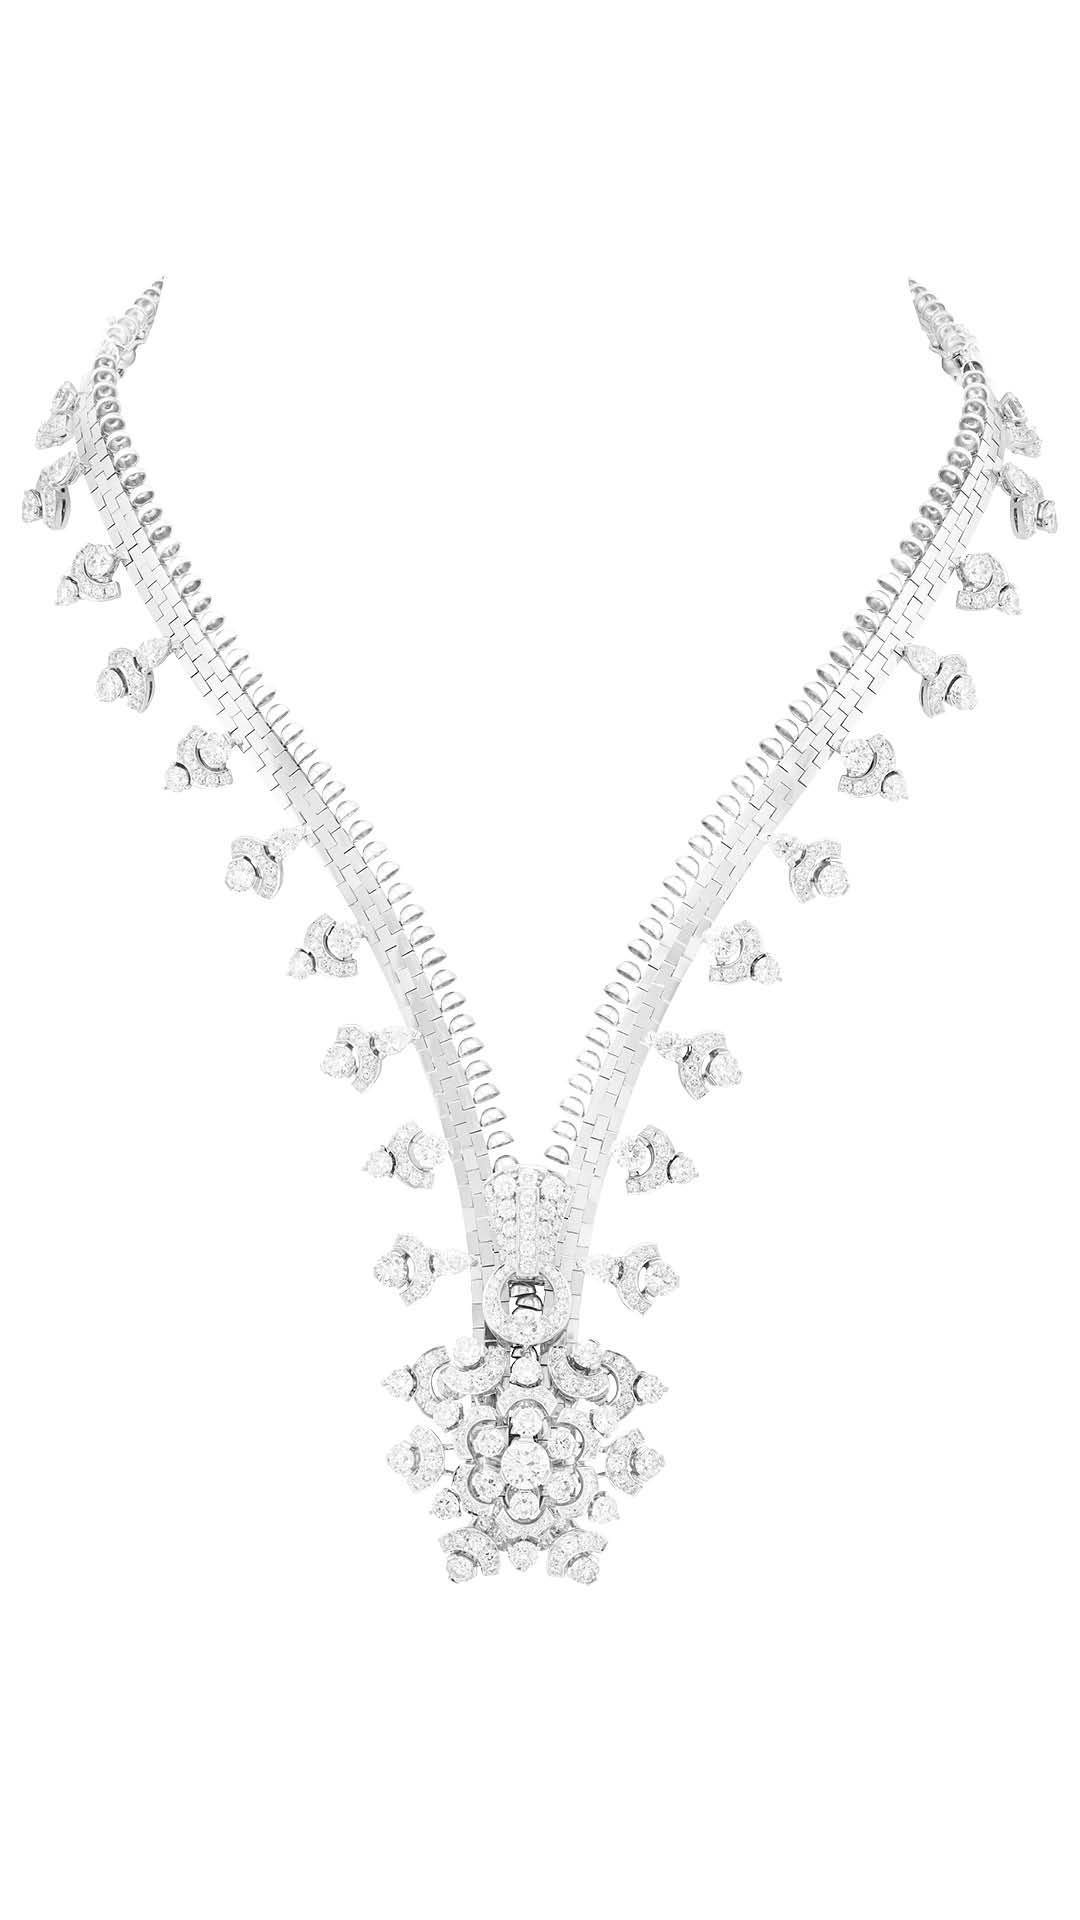 Van Cleef & Arpels Diamond Zip Necklace